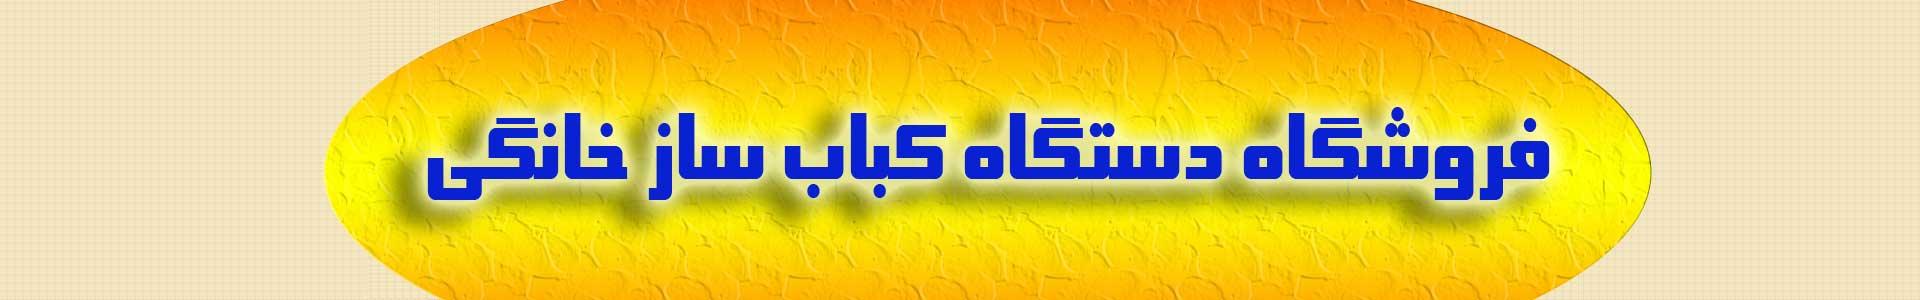 خرید دستگاه کباب ساز خانگی آسان گیر تک کباب زن مخصوص پیک نیک